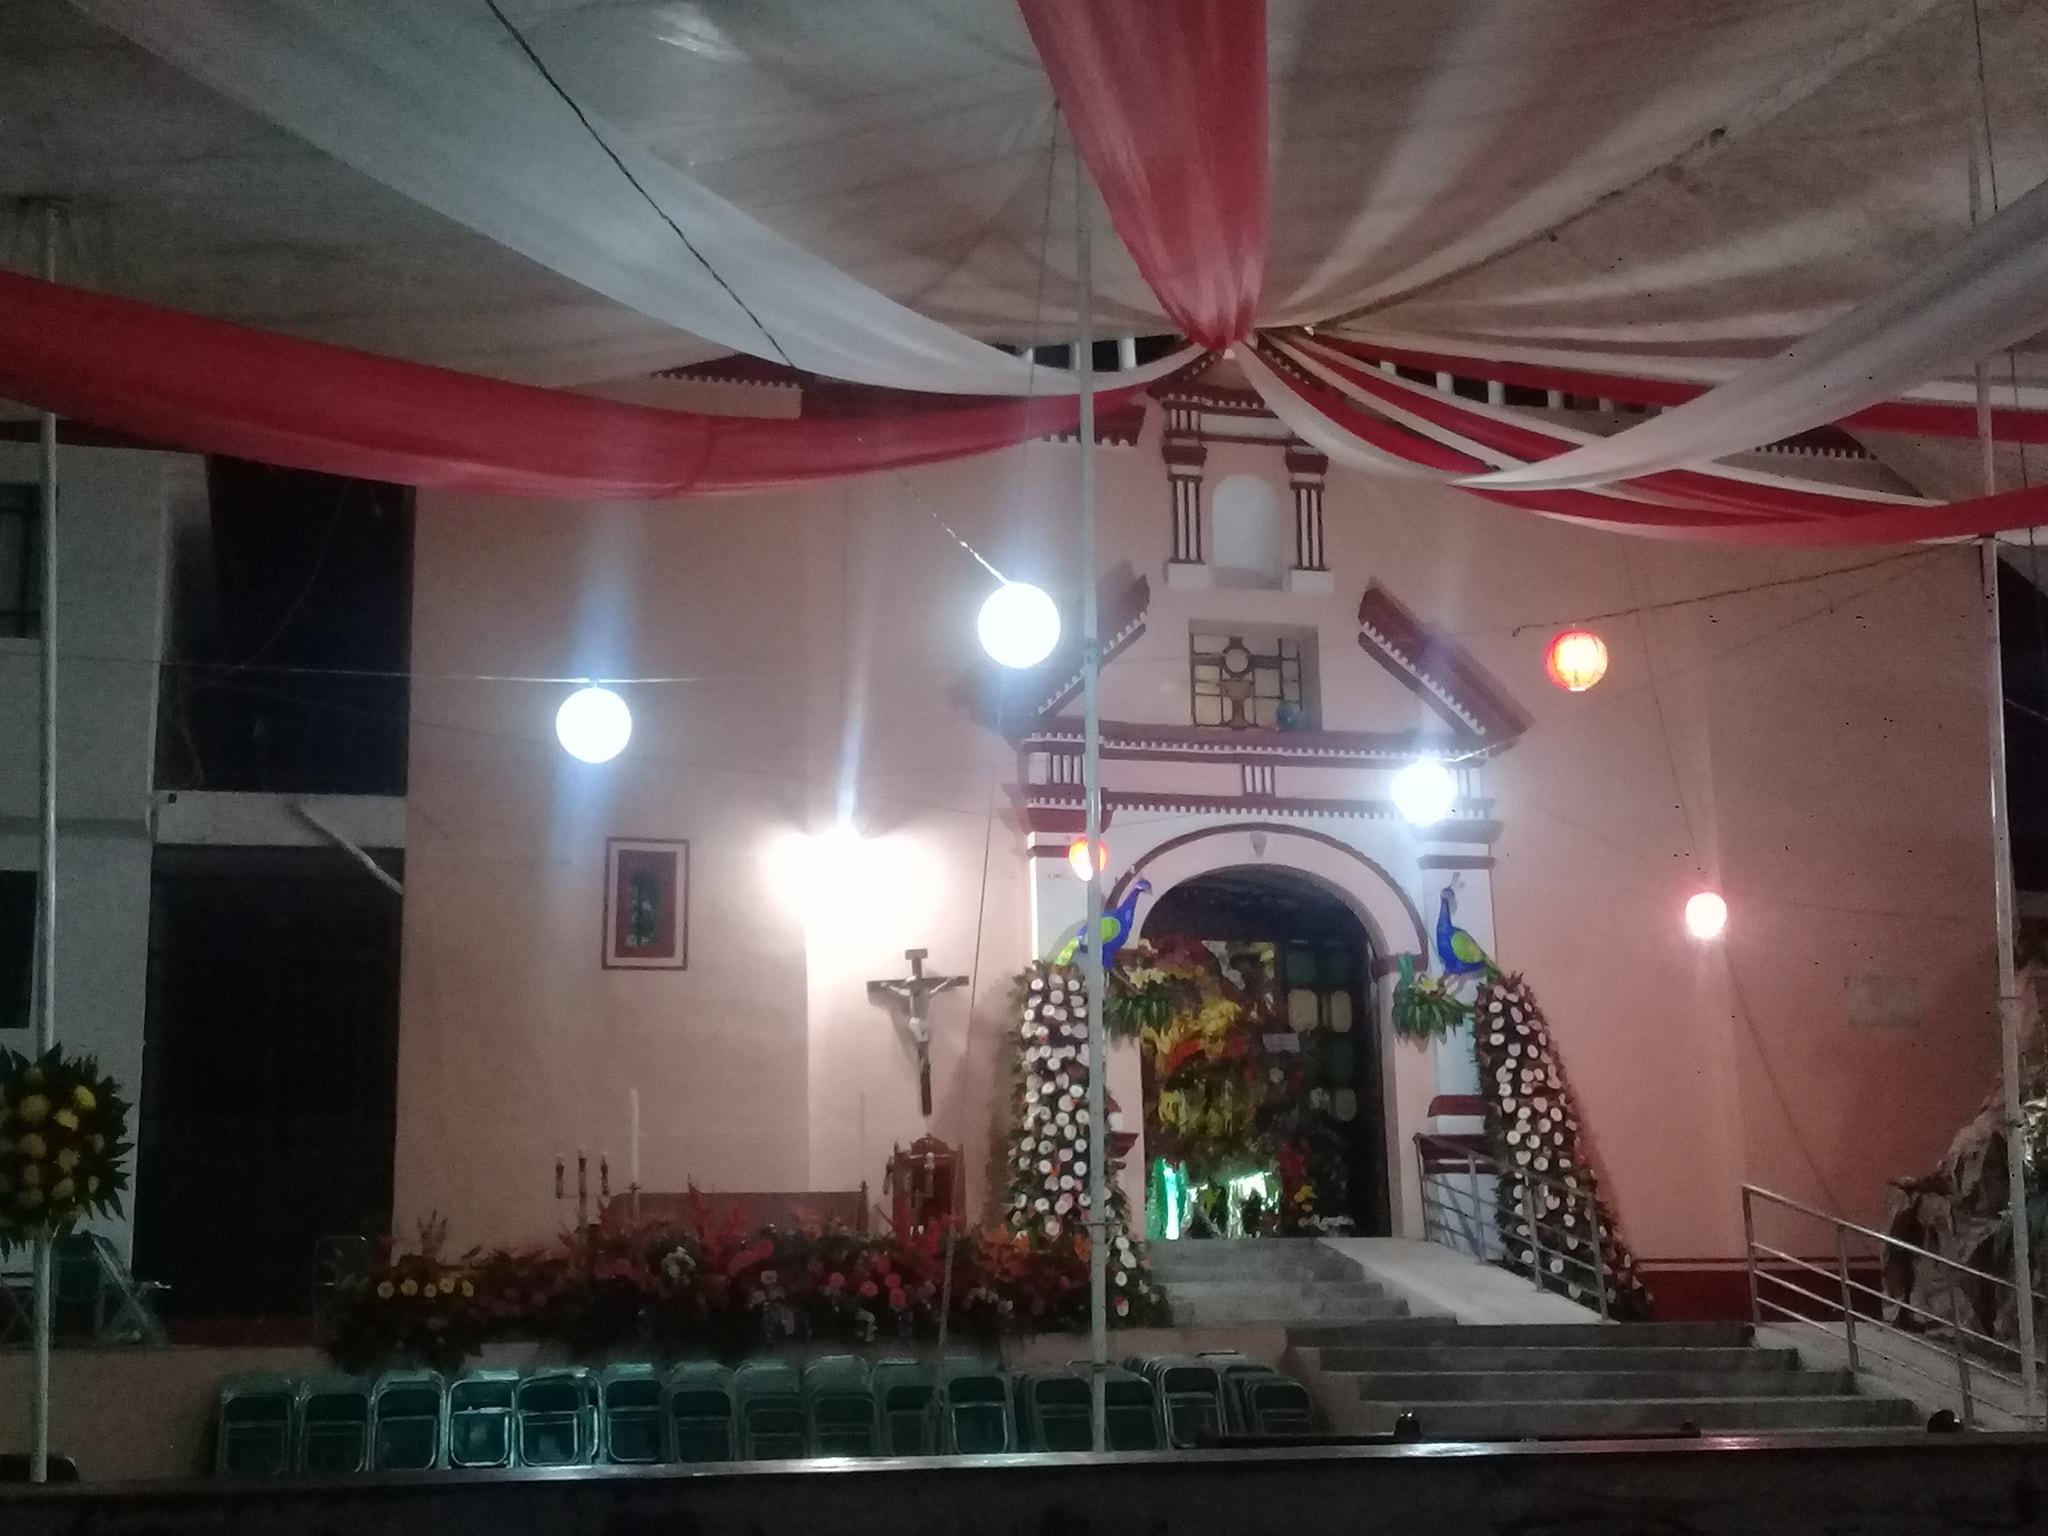 Cierran iglesias en Tecamachalco al detectar aumento de contagios